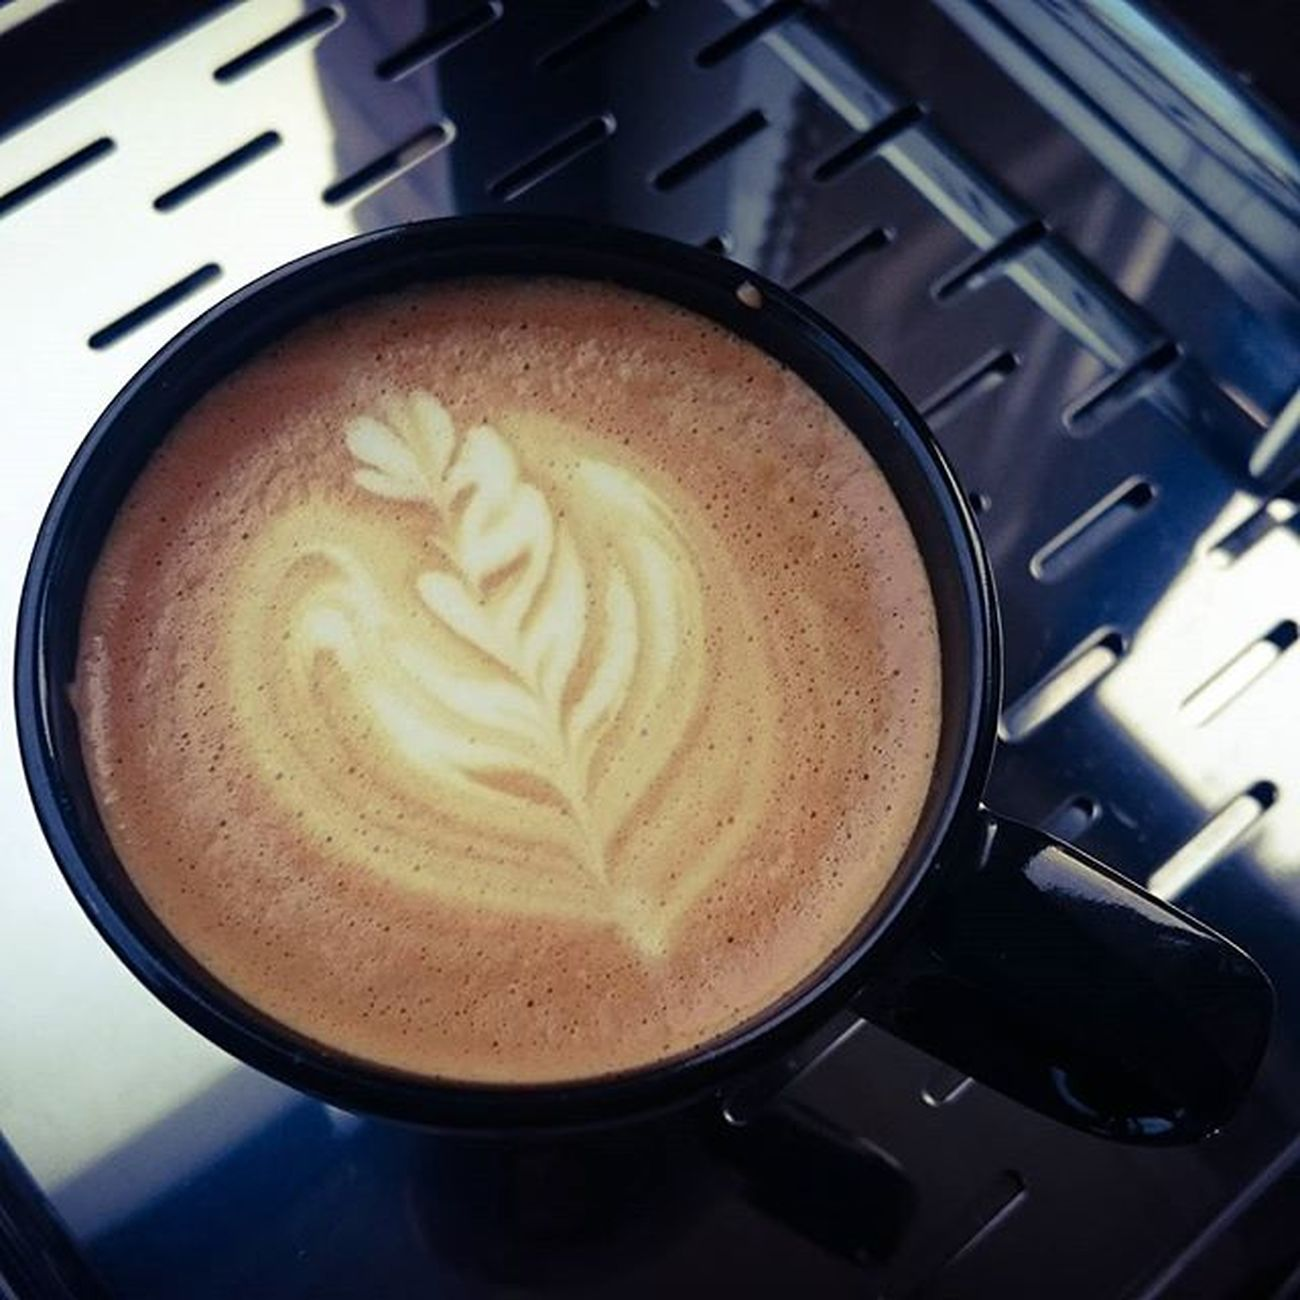 My coffee zen. Wholelottelove Coffeegeek Cuppuccino Bluebottlecoffee